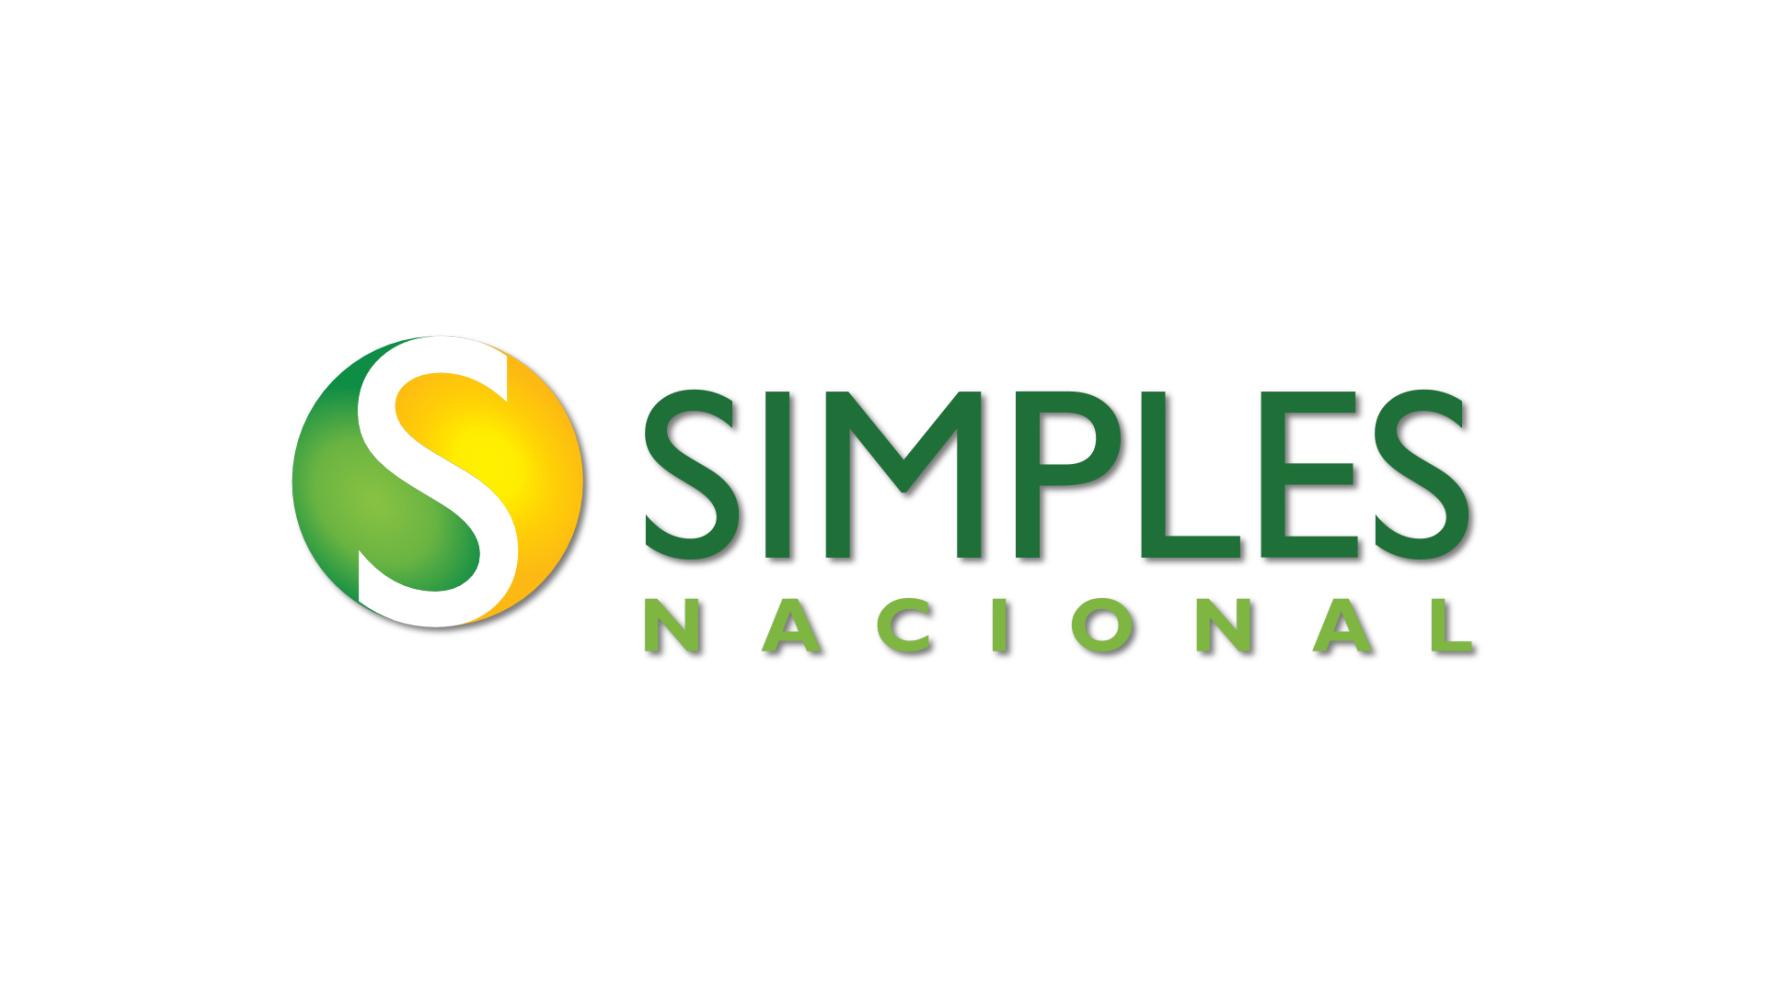 Simples Nacional fica mais complexo em 2018; veja o que ...